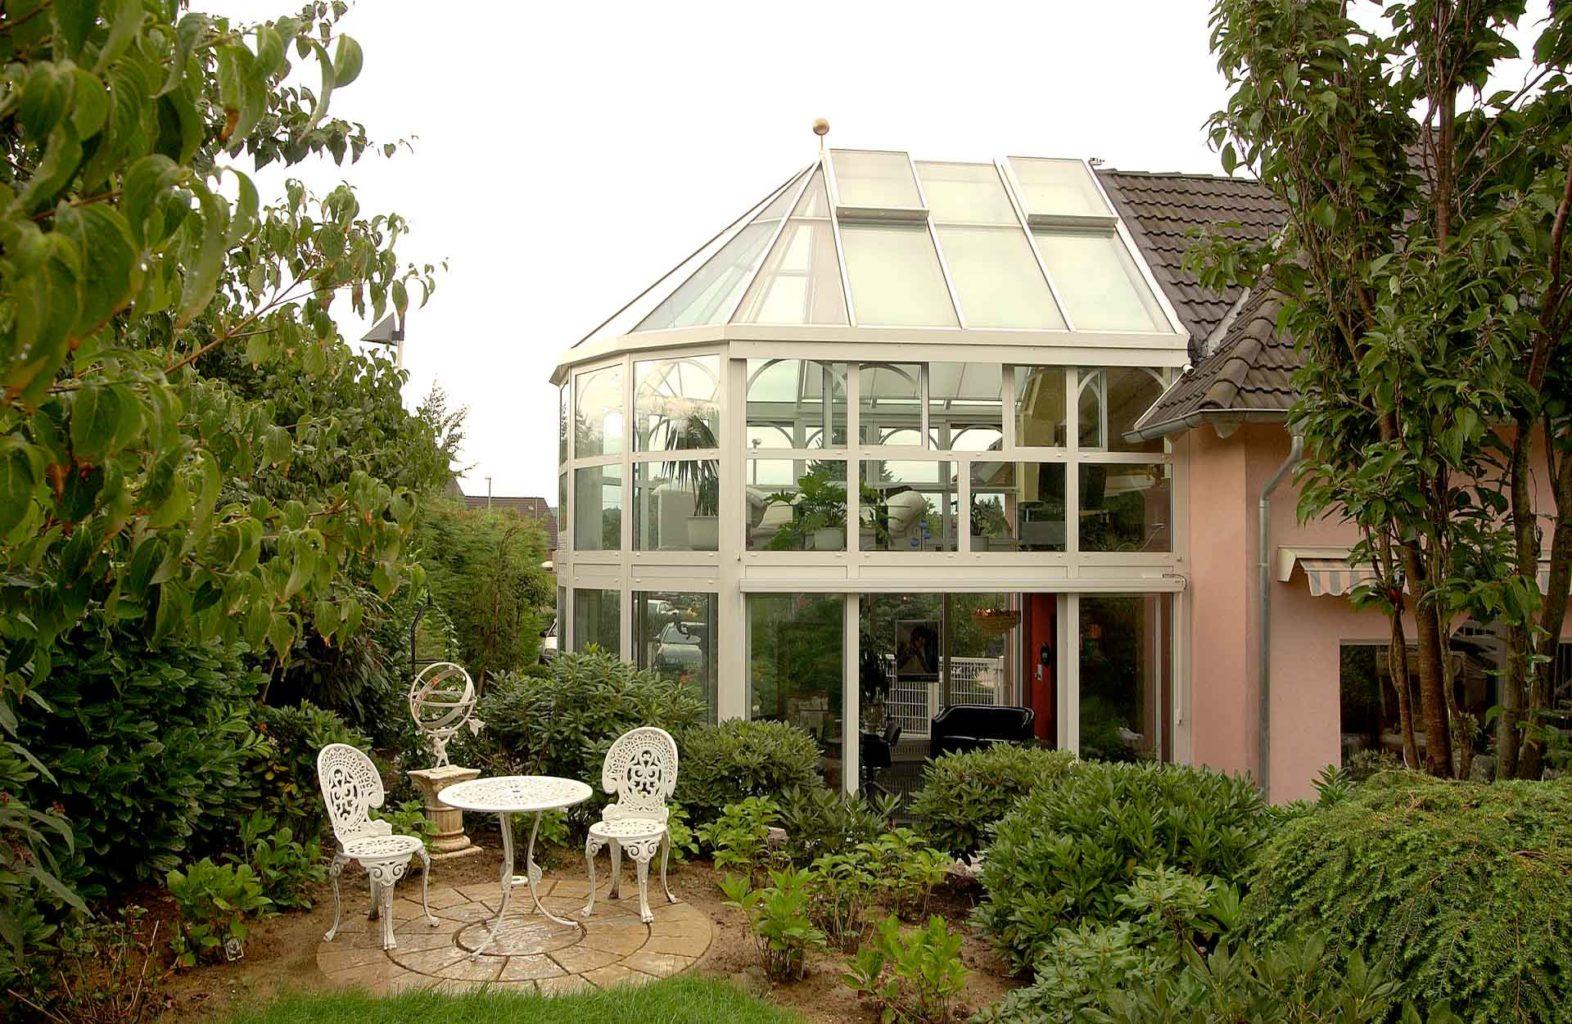 Wintergarten in Beselich (Objekt 906). Im Obergeschoss die Freizeit geniessen im gläsernen Wohnzimmer - Im Untergeschoss entspannt Arbeiten im lichdurchfluteten Friseursalon